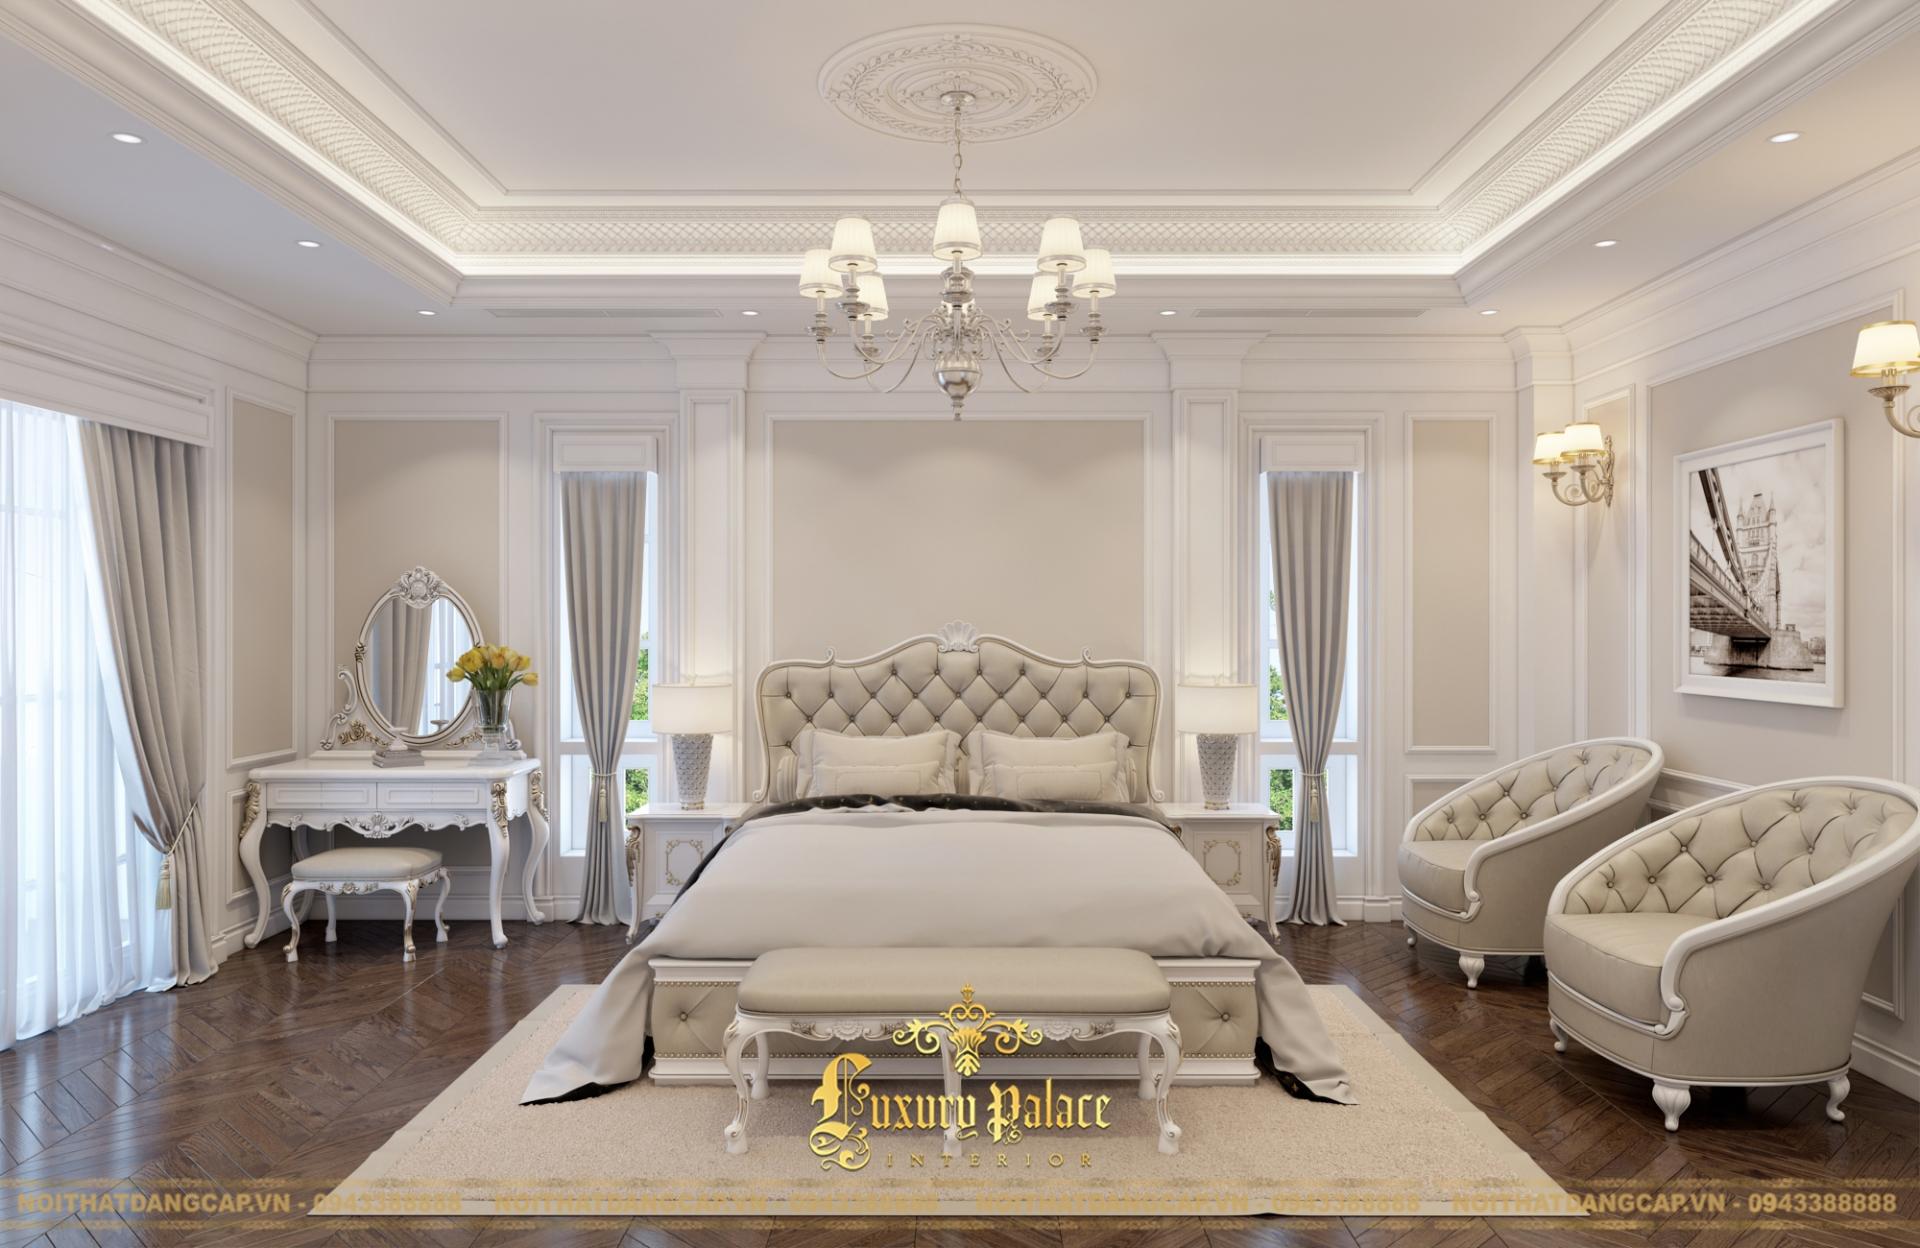 Mẫu thiết kế phòng ngủ phong cách tân cổ điển châu Âu 3